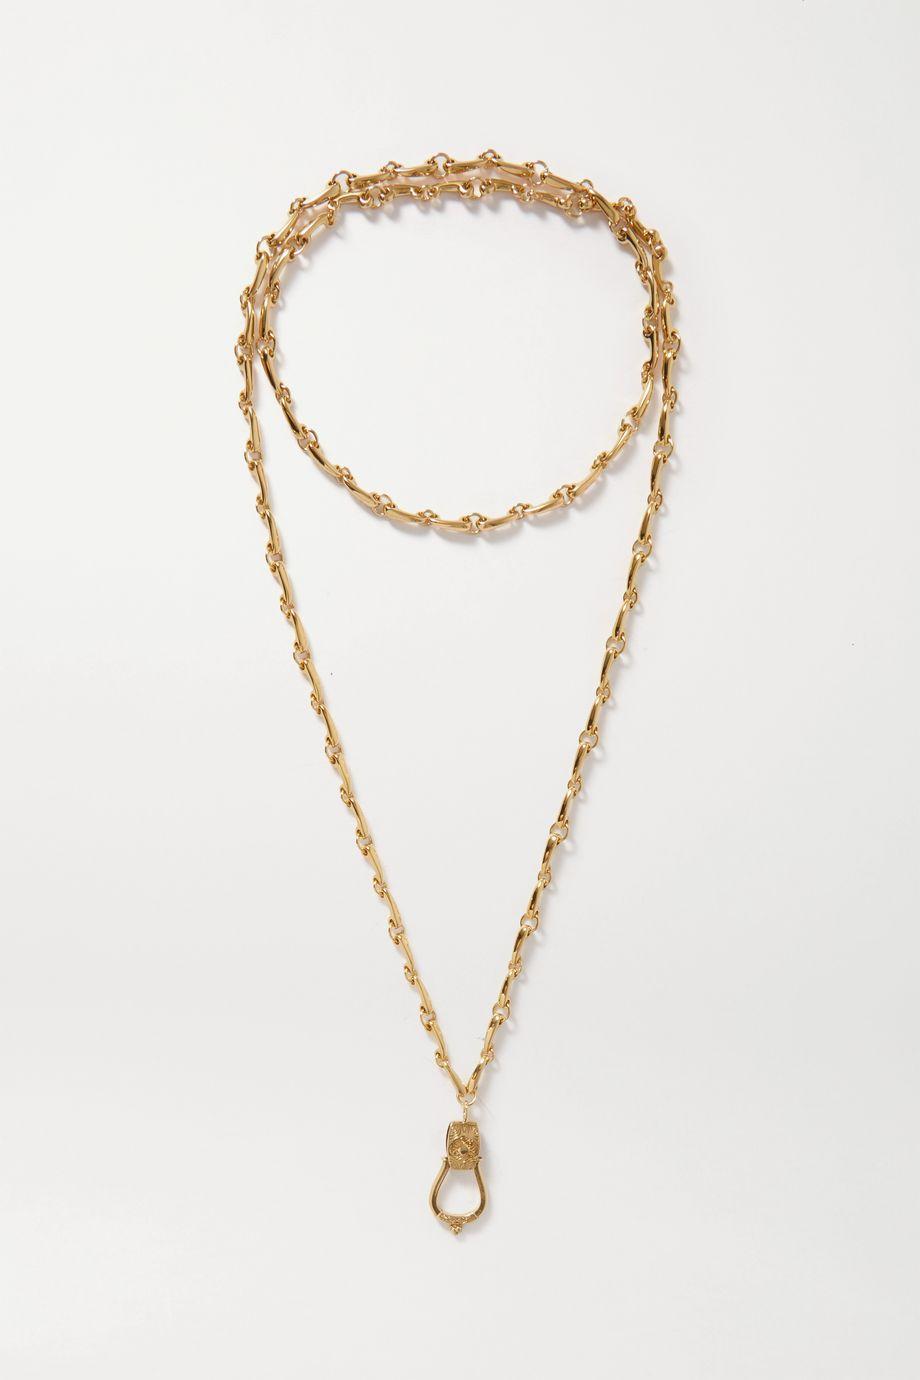 Etro 金色项链